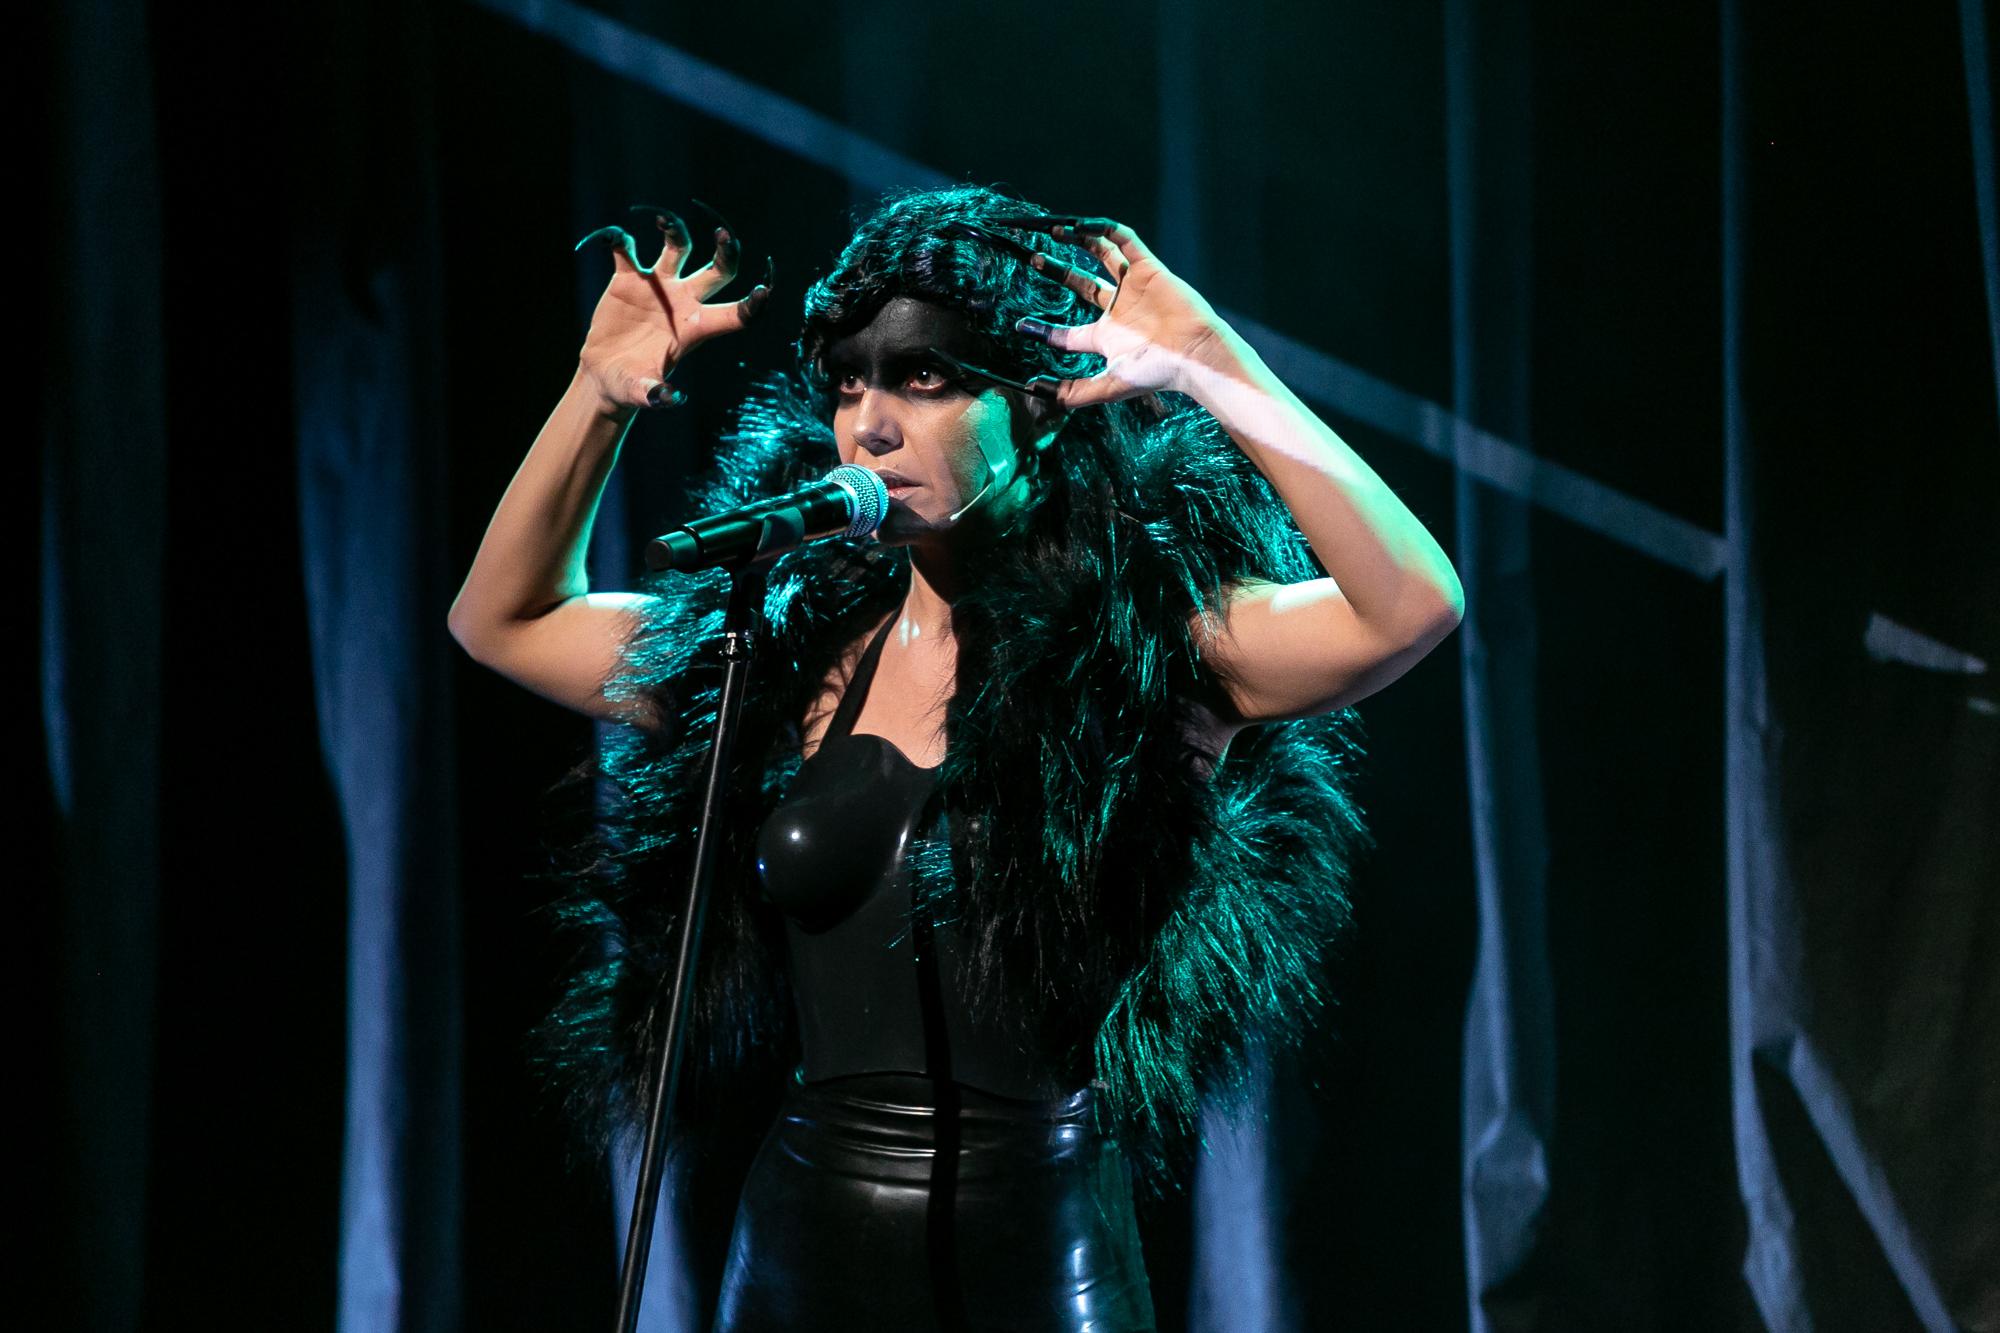 W centrum kadru, na tle czarnej, fałdowanej kurtyny, stoi Norbert Zły (Lilith) -kobieta-drag queen. Widać ją do bioder. Ma czarne, krótkie włosy ułożone w falowaną fryzurę, czoło i powieki pomalowane czarną farbą. Jest w czarym lateksowym kostiumie bez ramion i rękawów. Śpiewa do mikrofonu, wznosząc ręce na wysokość czoła, ma palce zakończone nakładanymi, czarnymi szponami, na ramionach krótkie, czarne, puszyste futerko bez rękawów. Scena jest oświetlona seledynowym światłem.